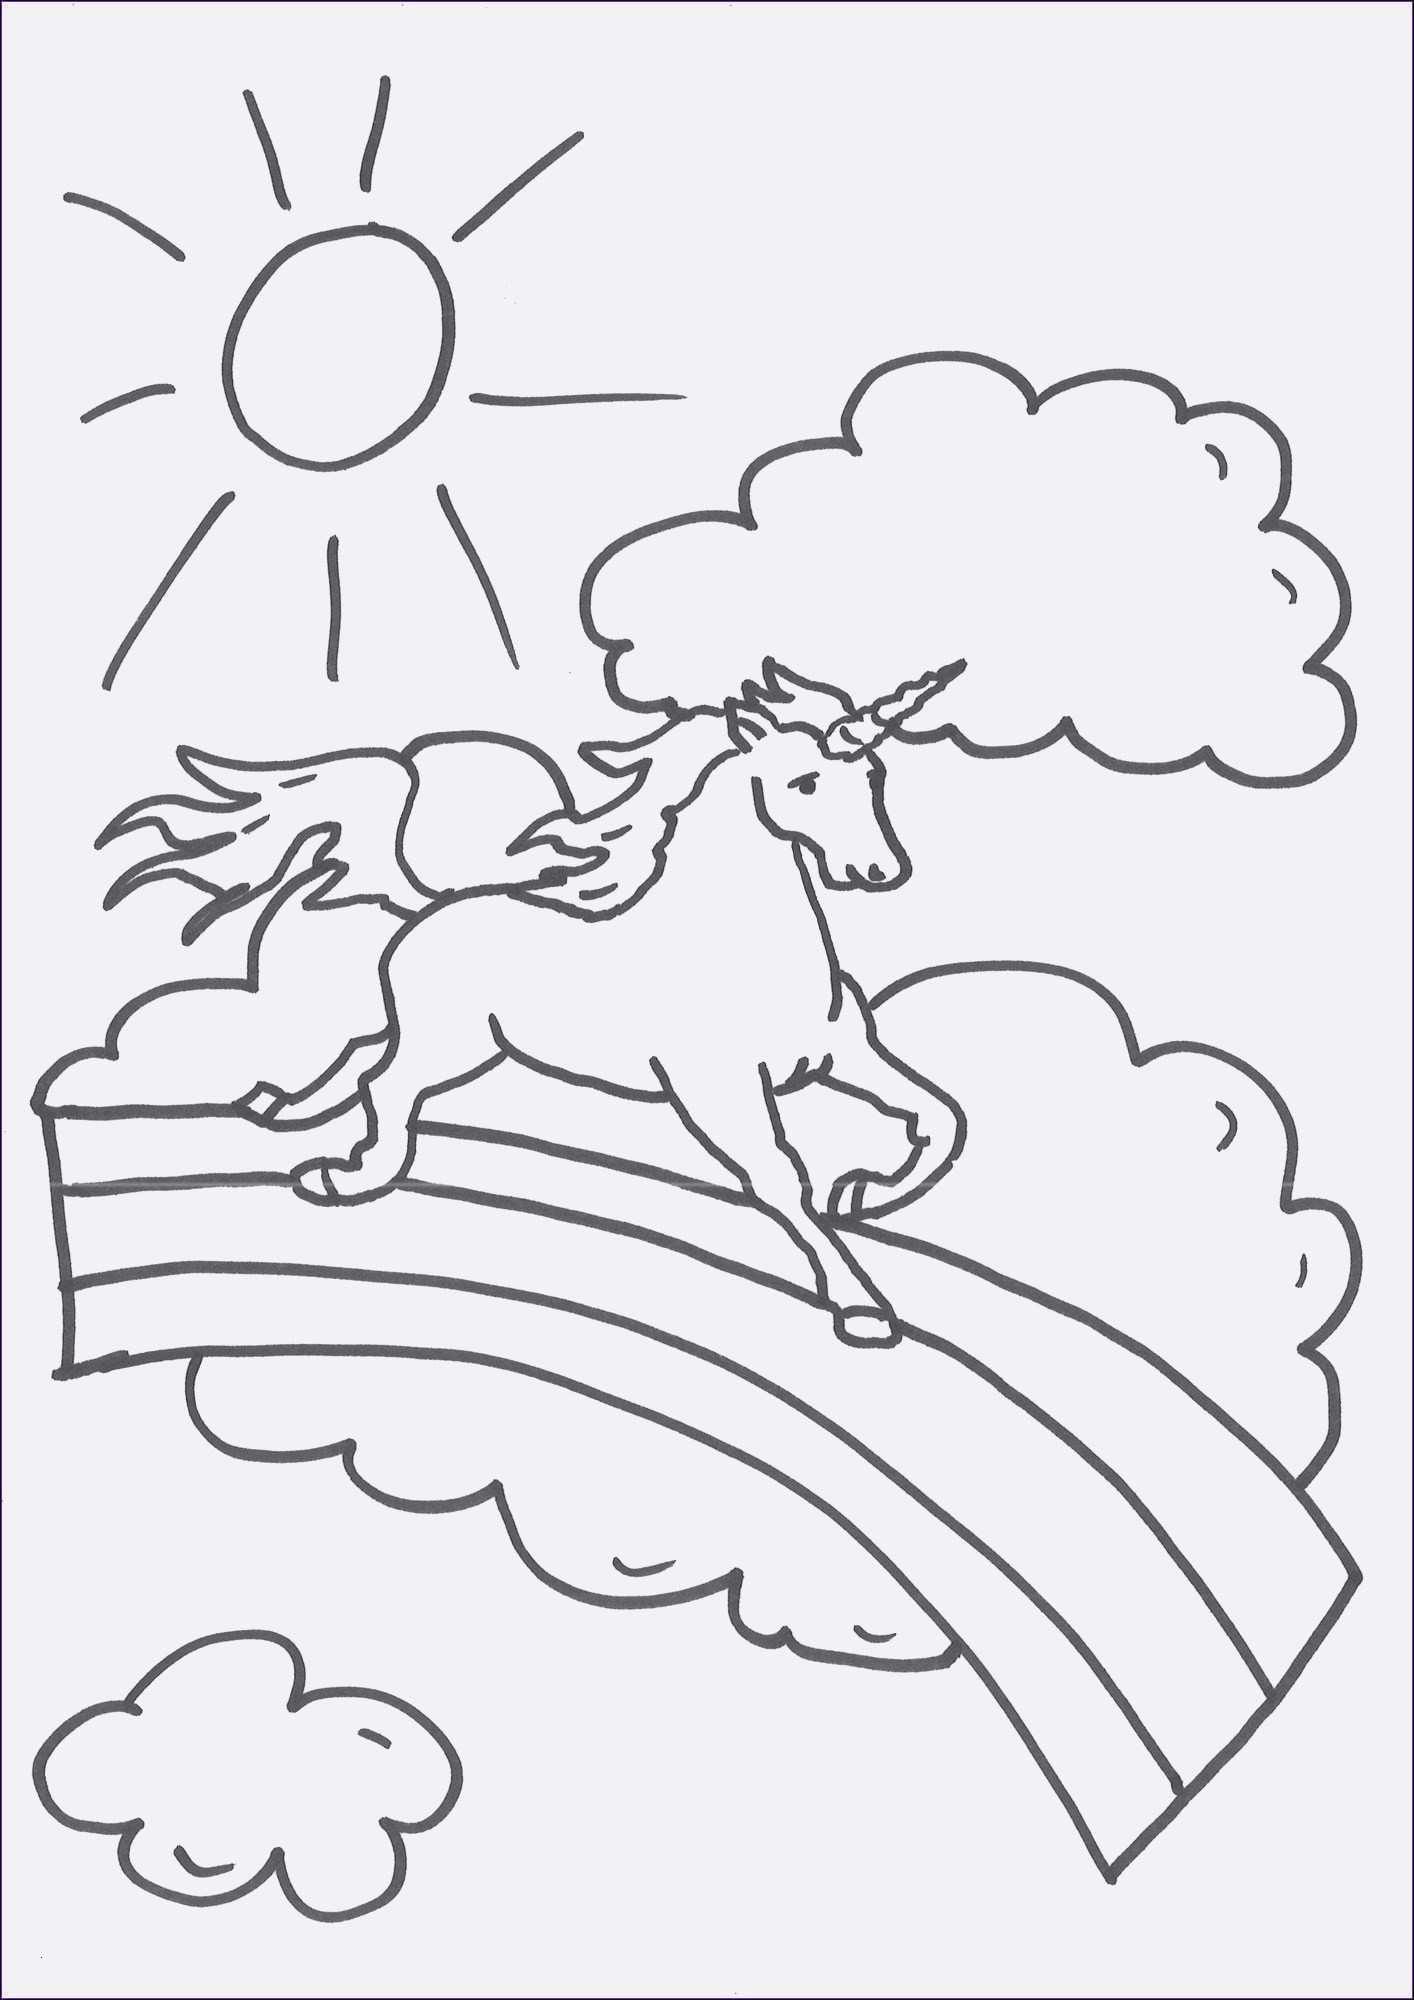 My Little Pony Bilder Zum Ausmalen Frisch My Little Pony Bilder Zum Ausmalen Bild – Ausmalbilder Ideen Fotografieren